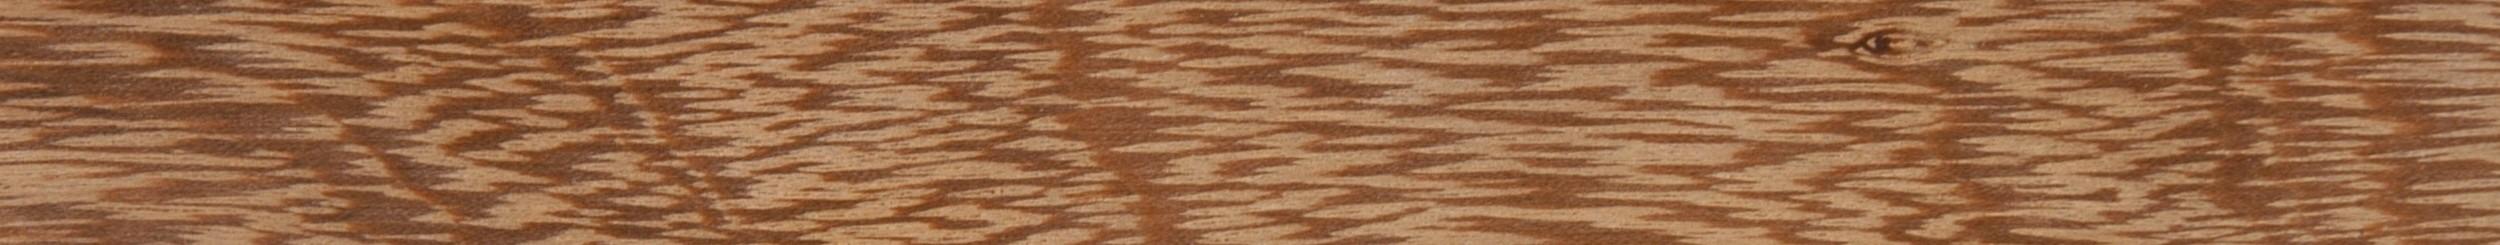 Acapu / bruinhart: een minder bekende houtsoort op de Nederlandse houtmarkt